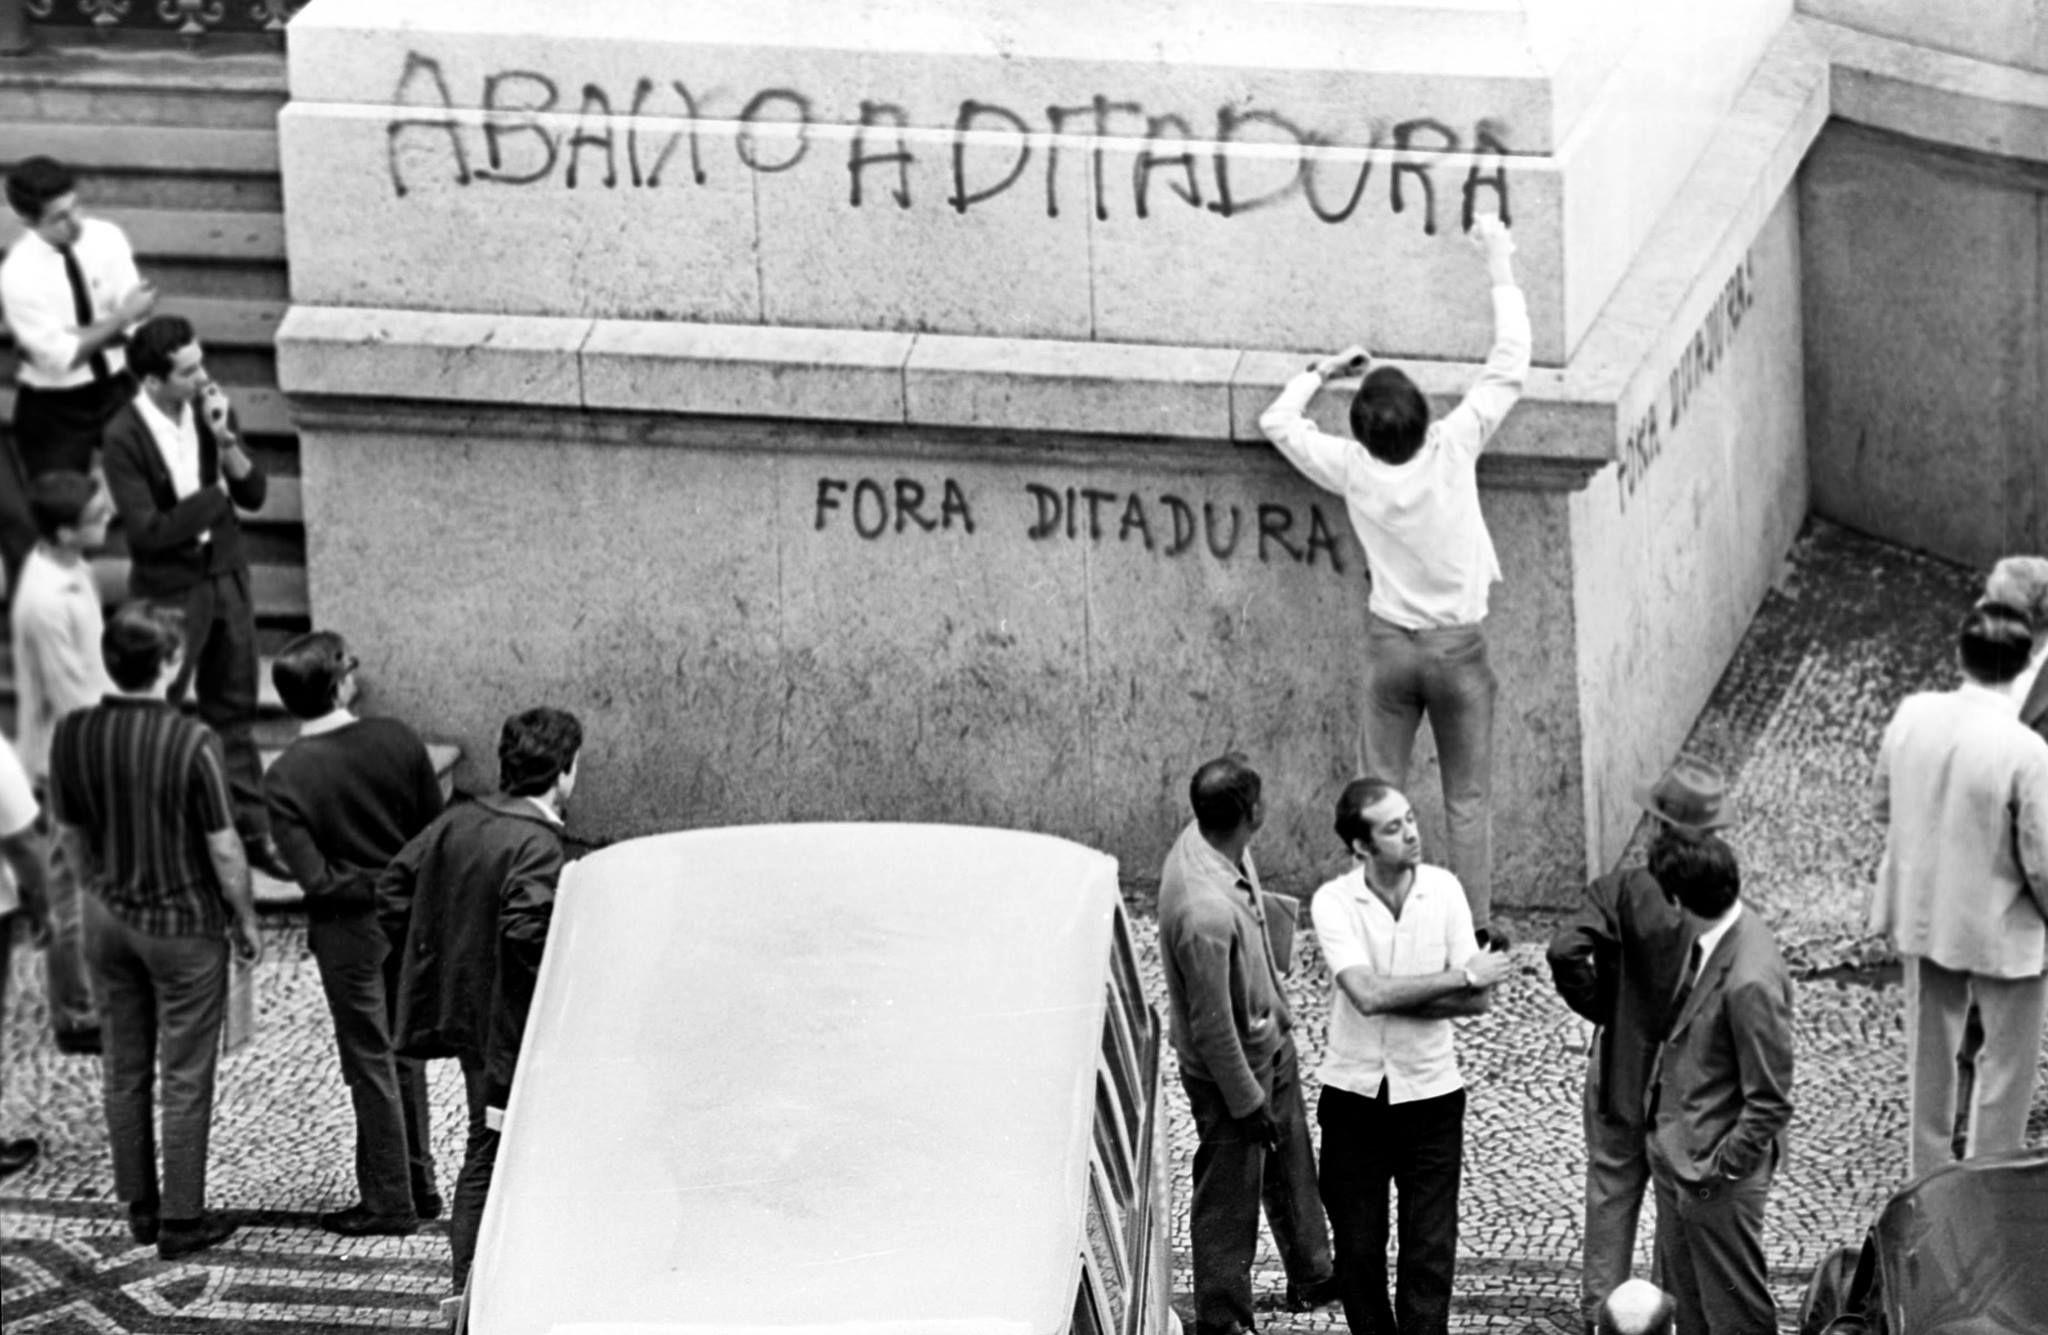 Brasil viveu período de ditadura militar de 1964 a 1985 / Acervo Memórias da Ditadura